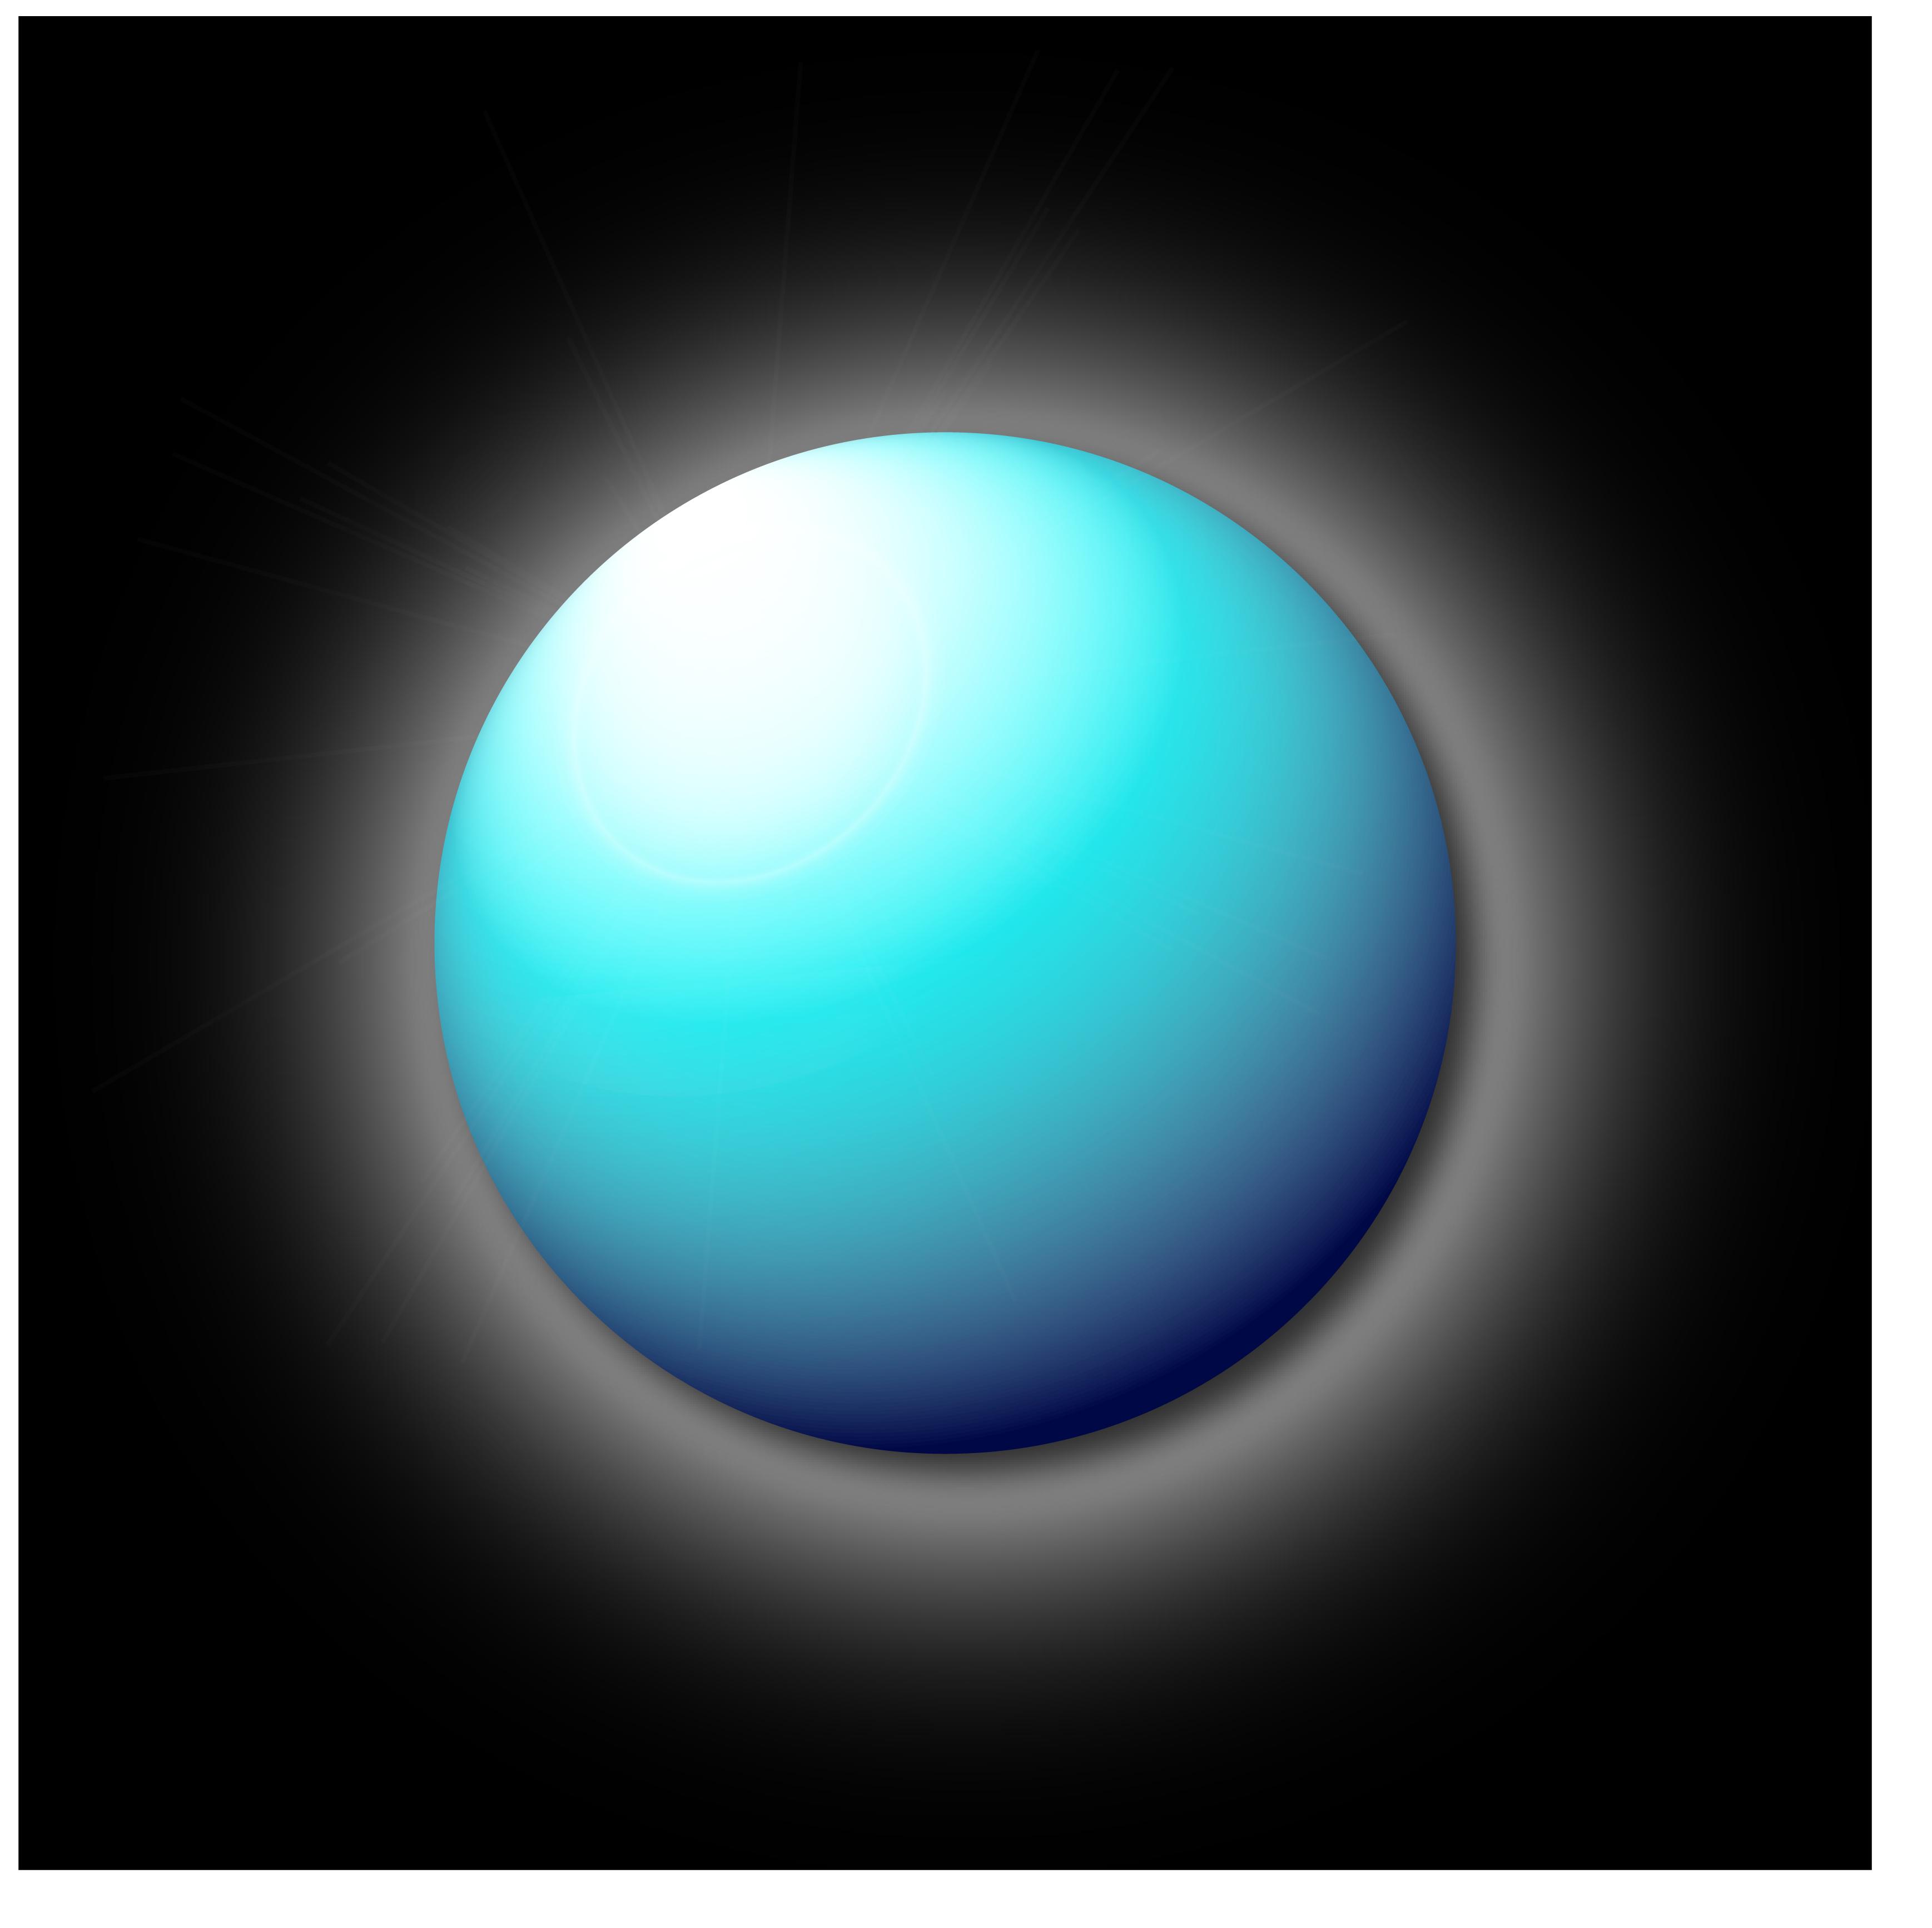 Sphere bleue by etiark